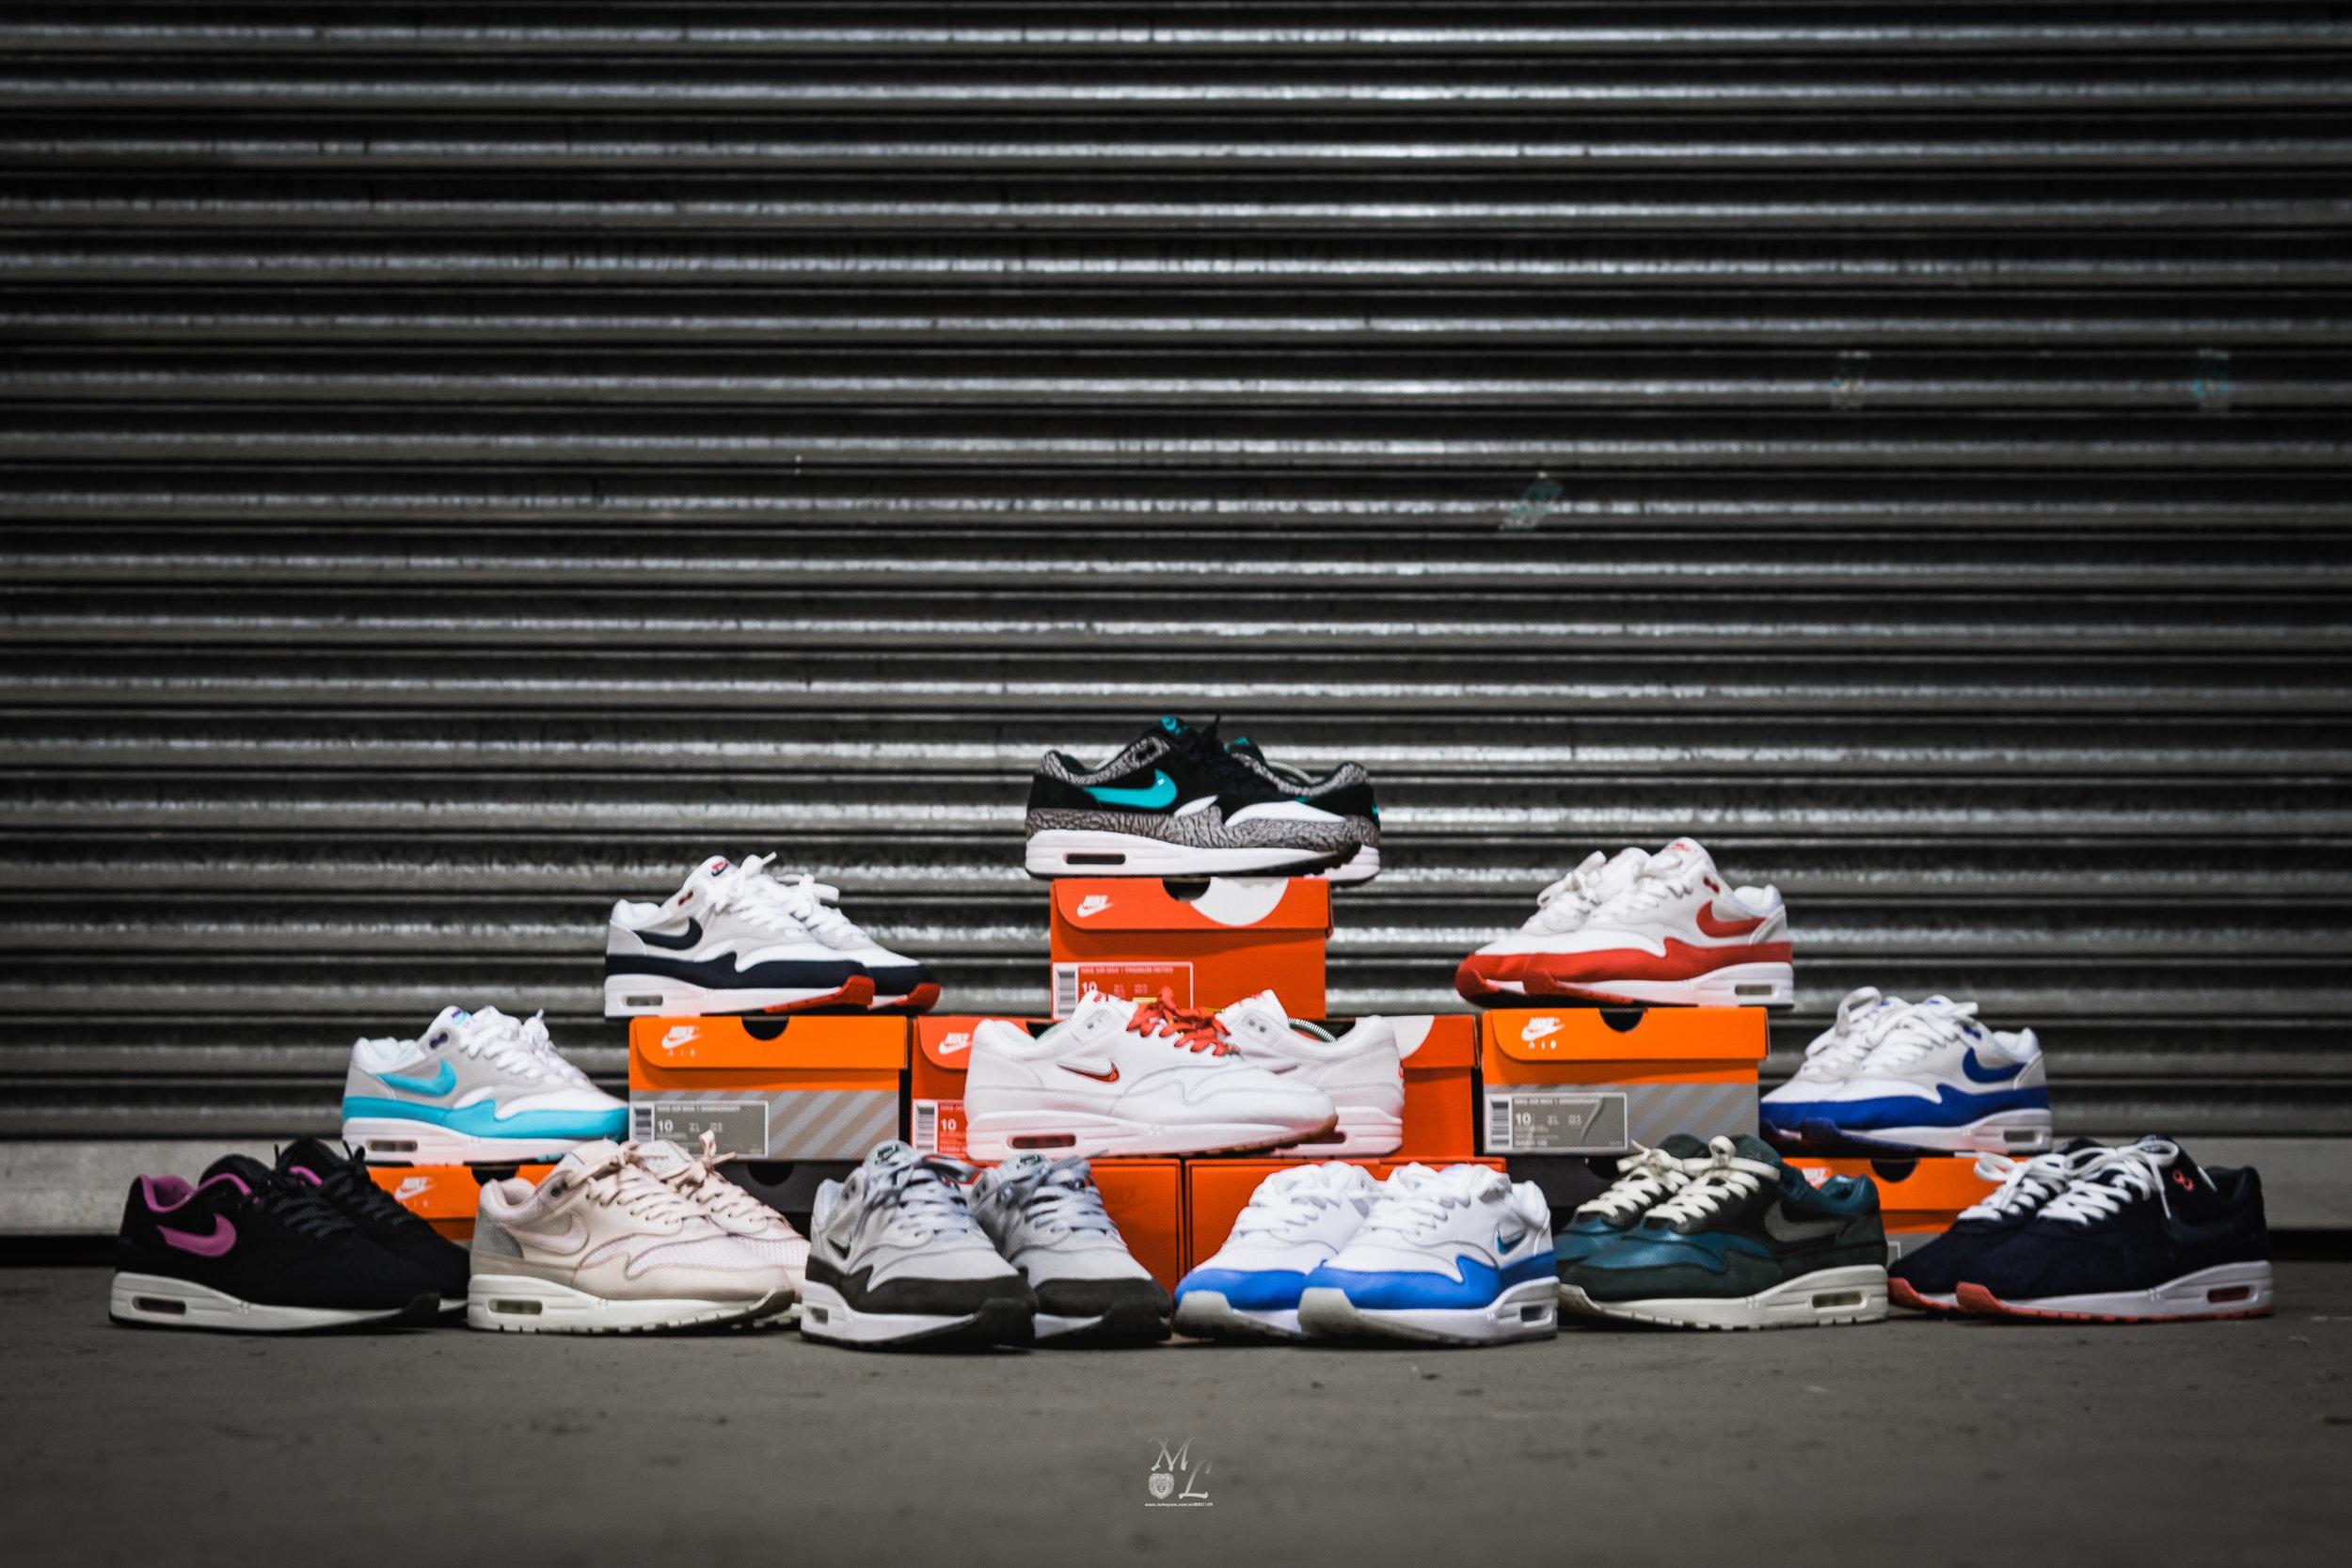 Nike Air Max 1 OG Returns with OG Box